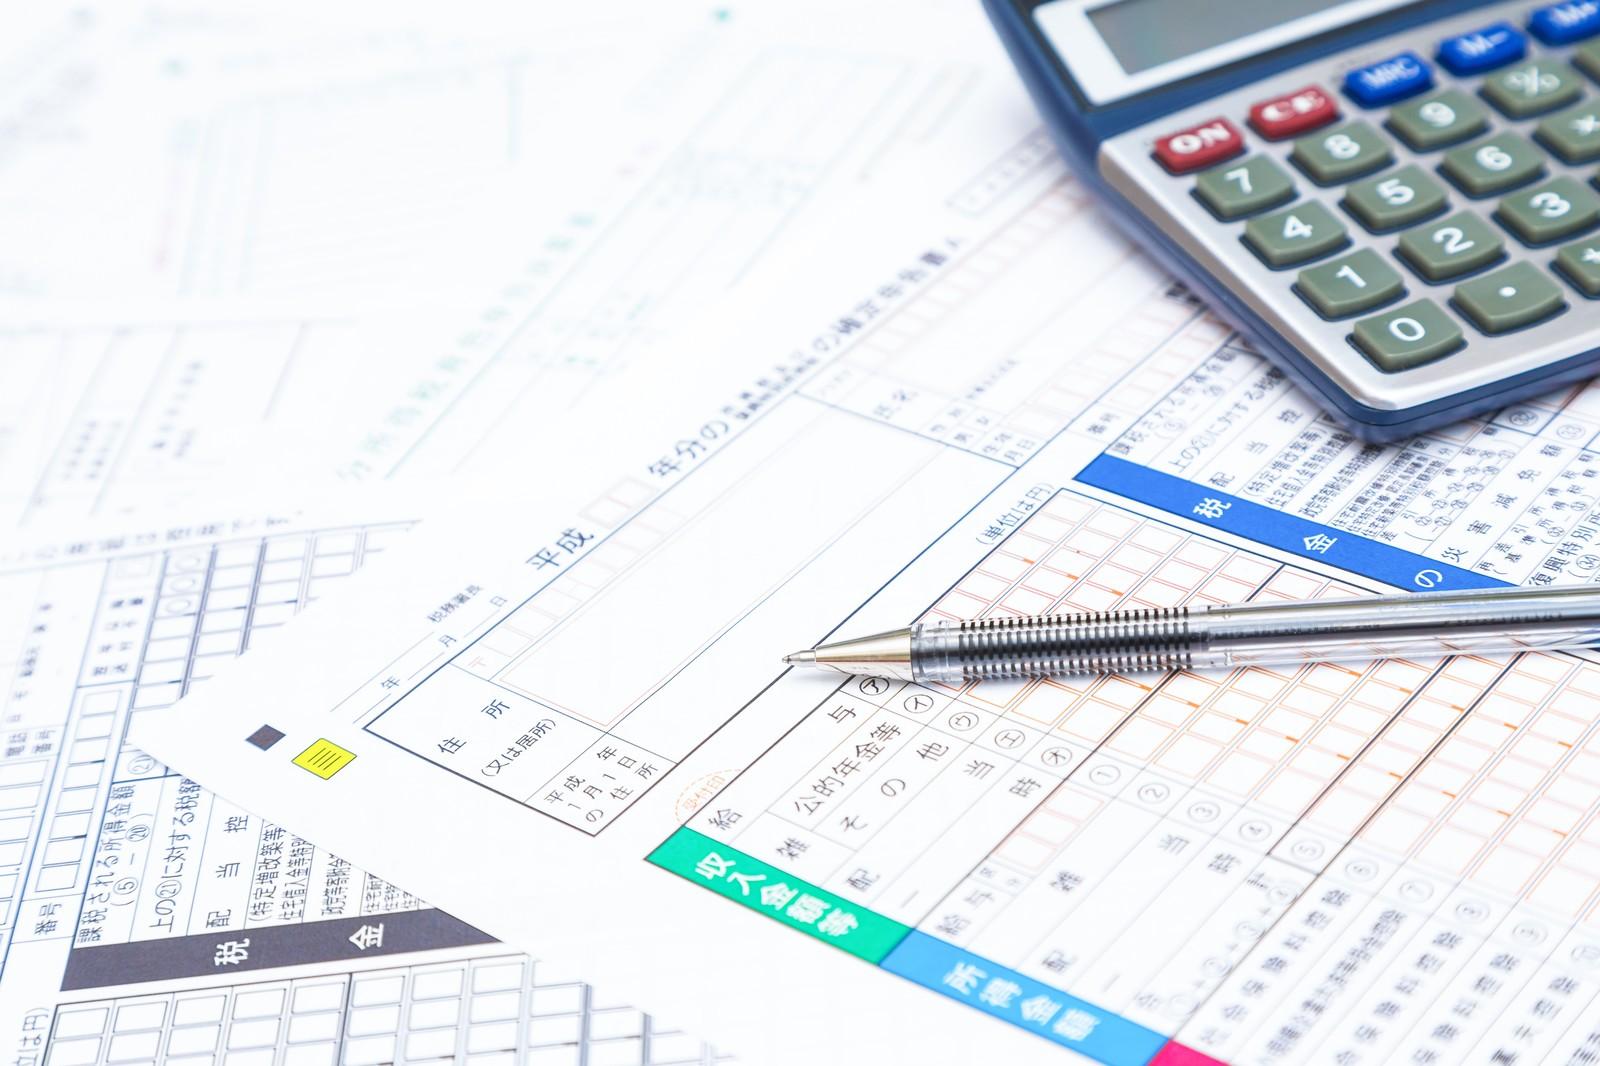 税理士によるヨガインストラクターの為の確定申告講座を開催!2020年2月8日(土曜日)